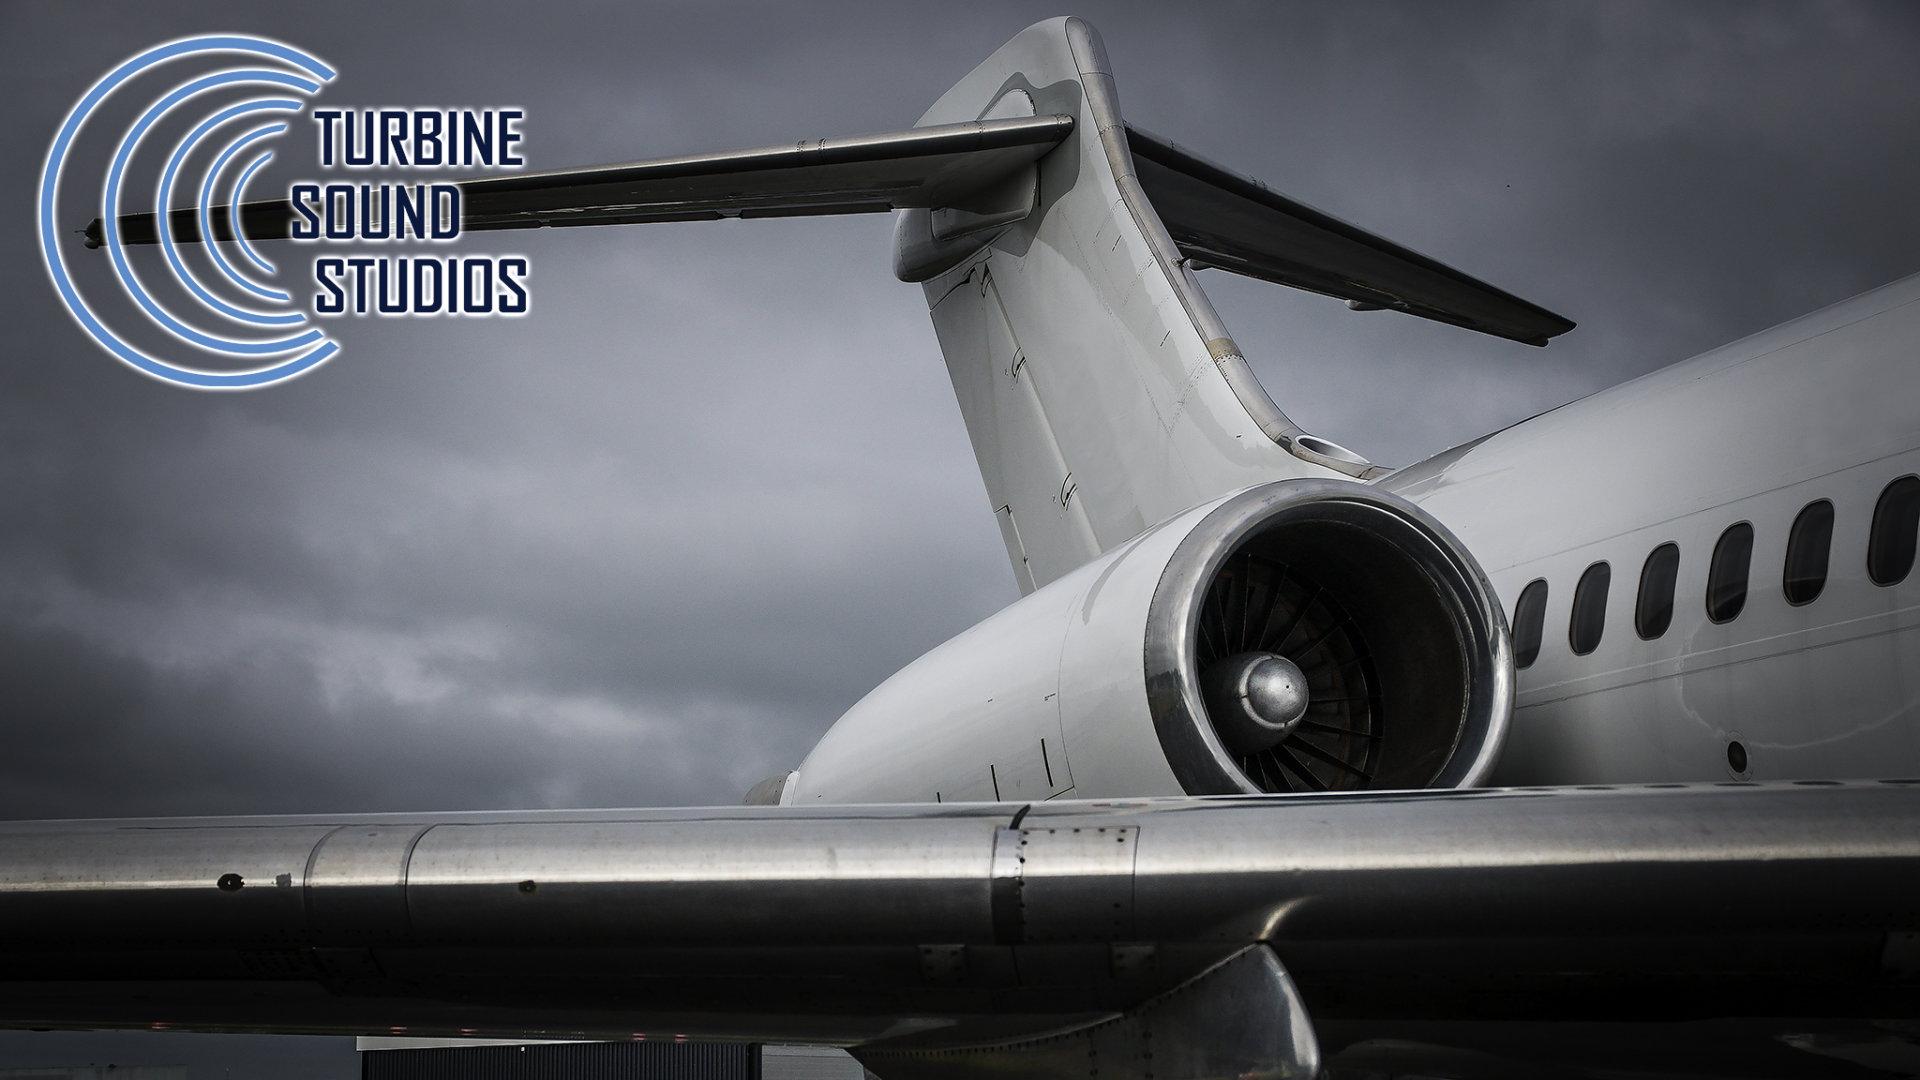 TURBINE SOUND STUDIOS – 麦道MD-8X JT8D 高清音效包飞行员版本FSX P3D